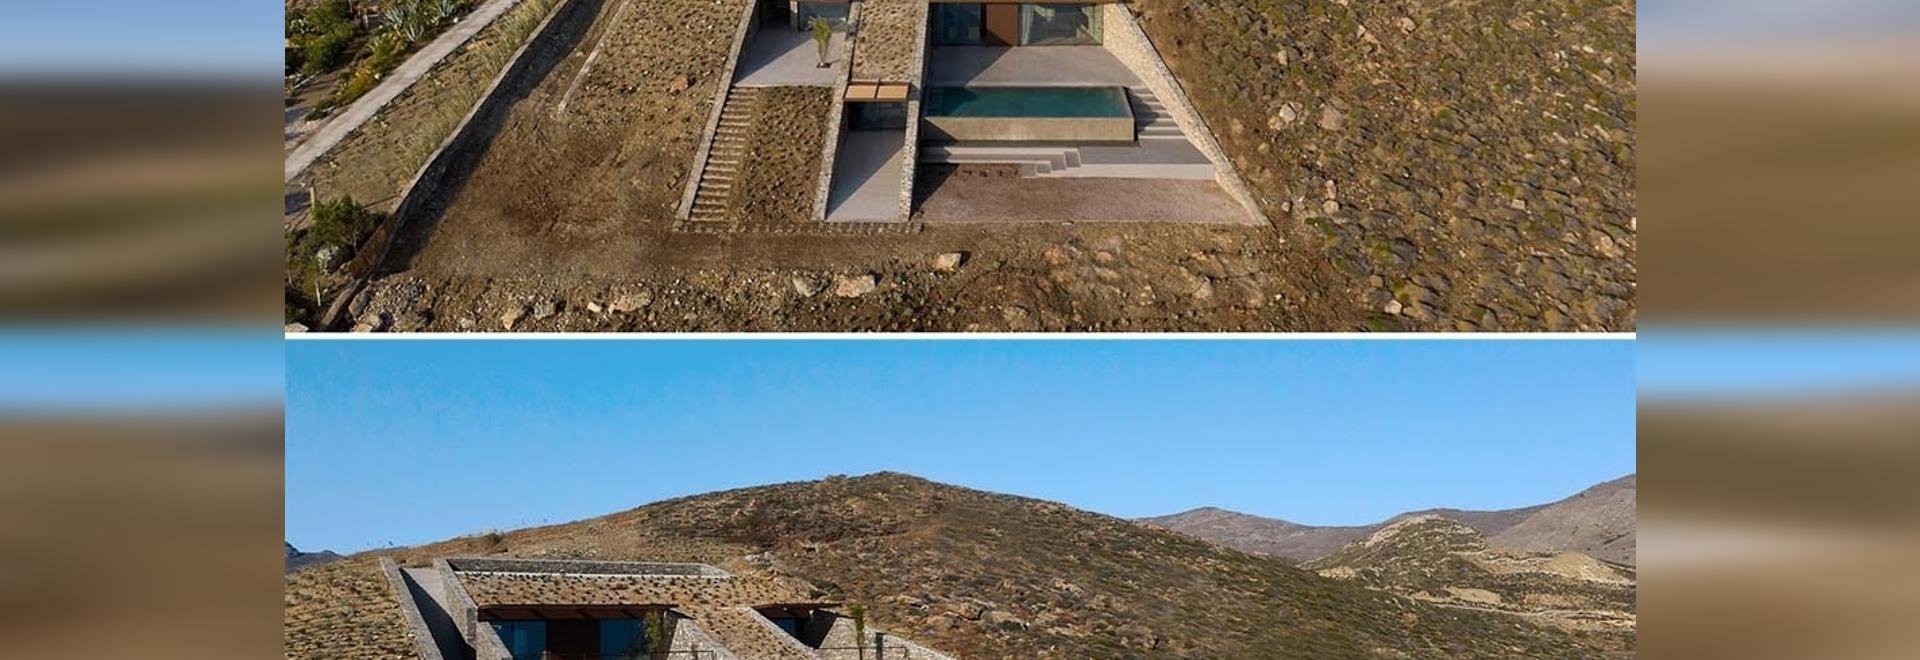 Una casa costruita sulle colline di quest'isola è quasi invisibile